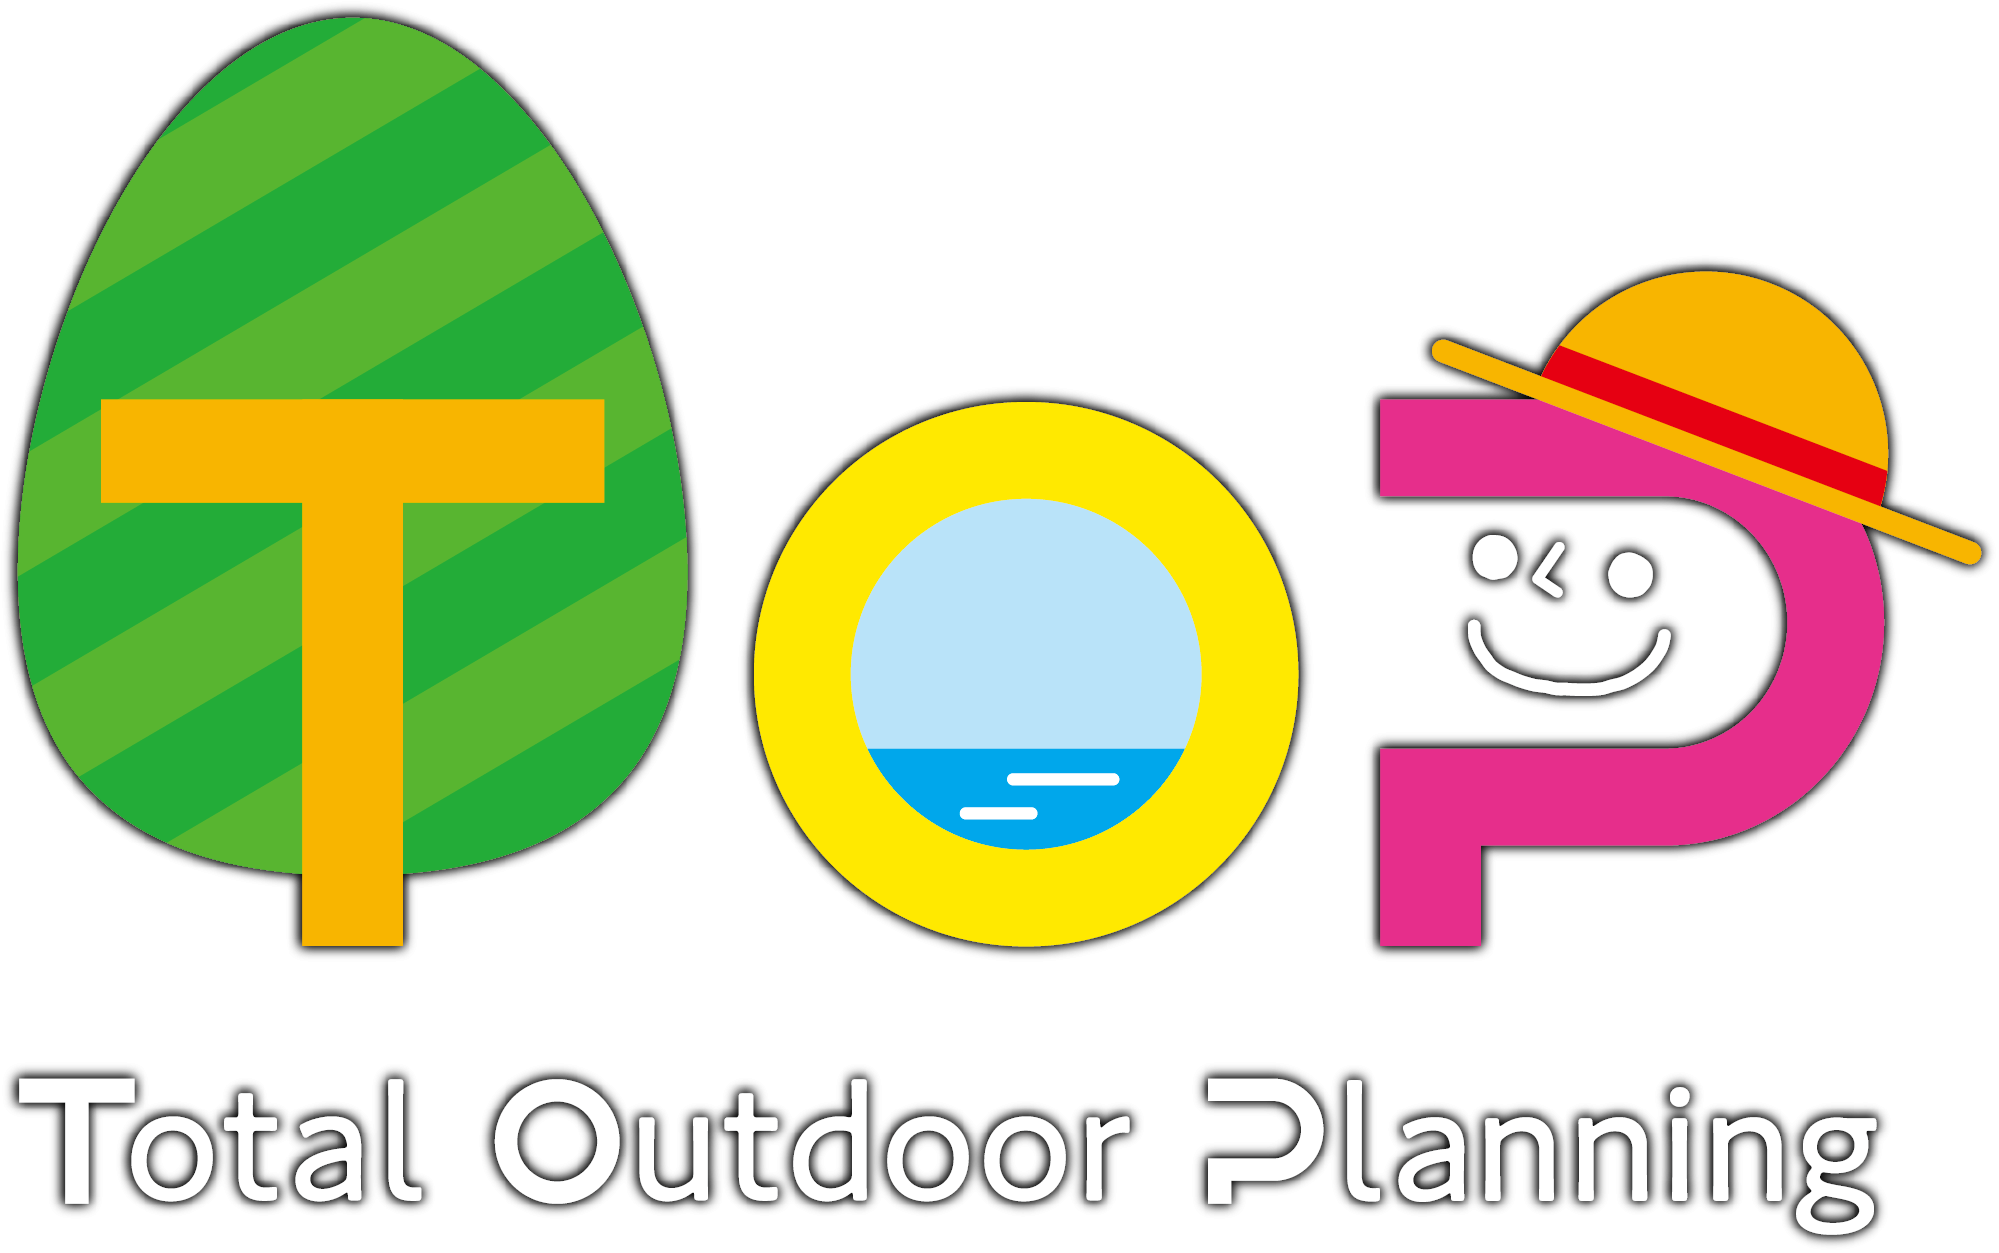 Total Outdoor Planning